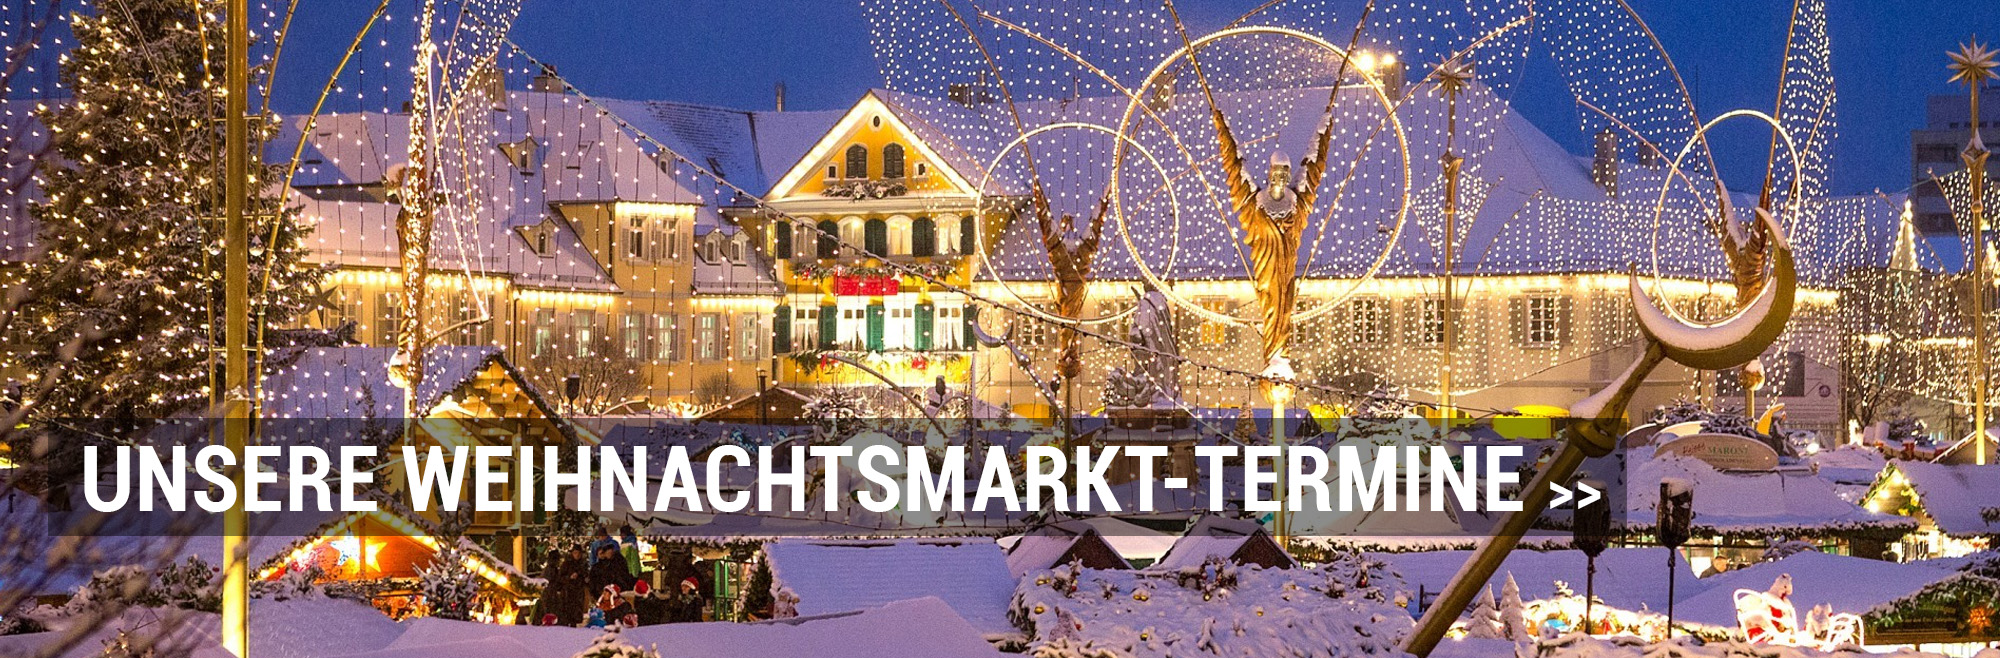 harecker weihnachtsmarkt termine